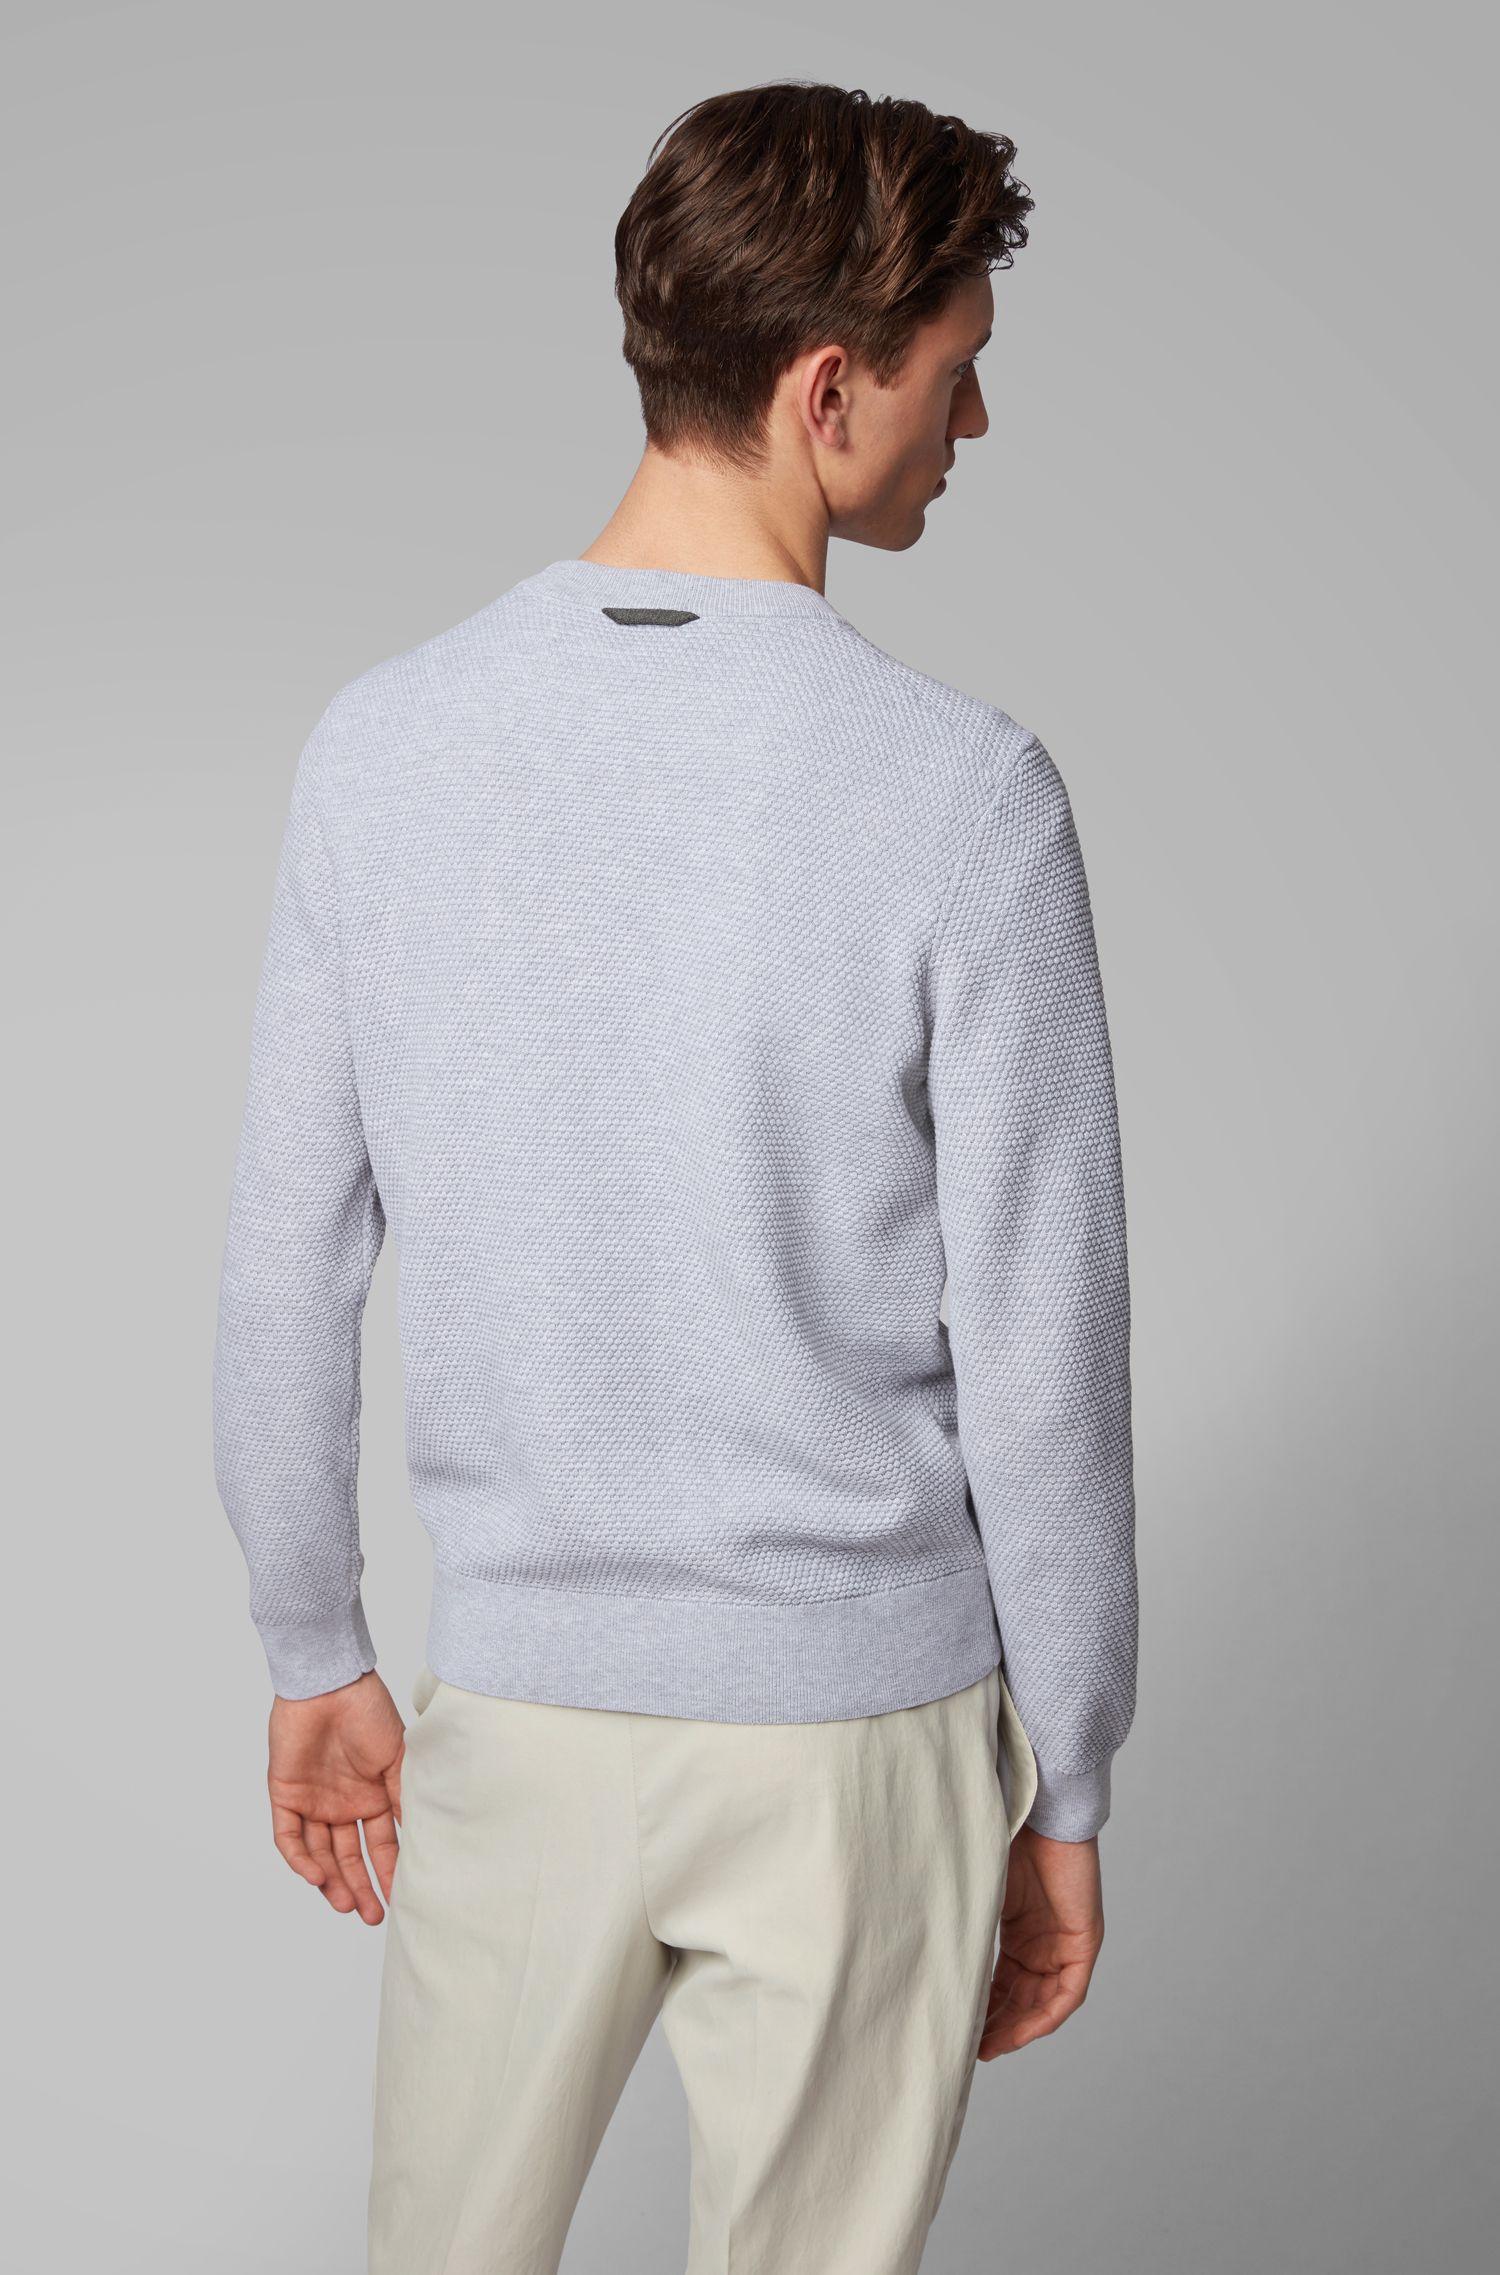 In Italien gefertigter Pullover aus strukturierter Pima-Baumwolle, Grau